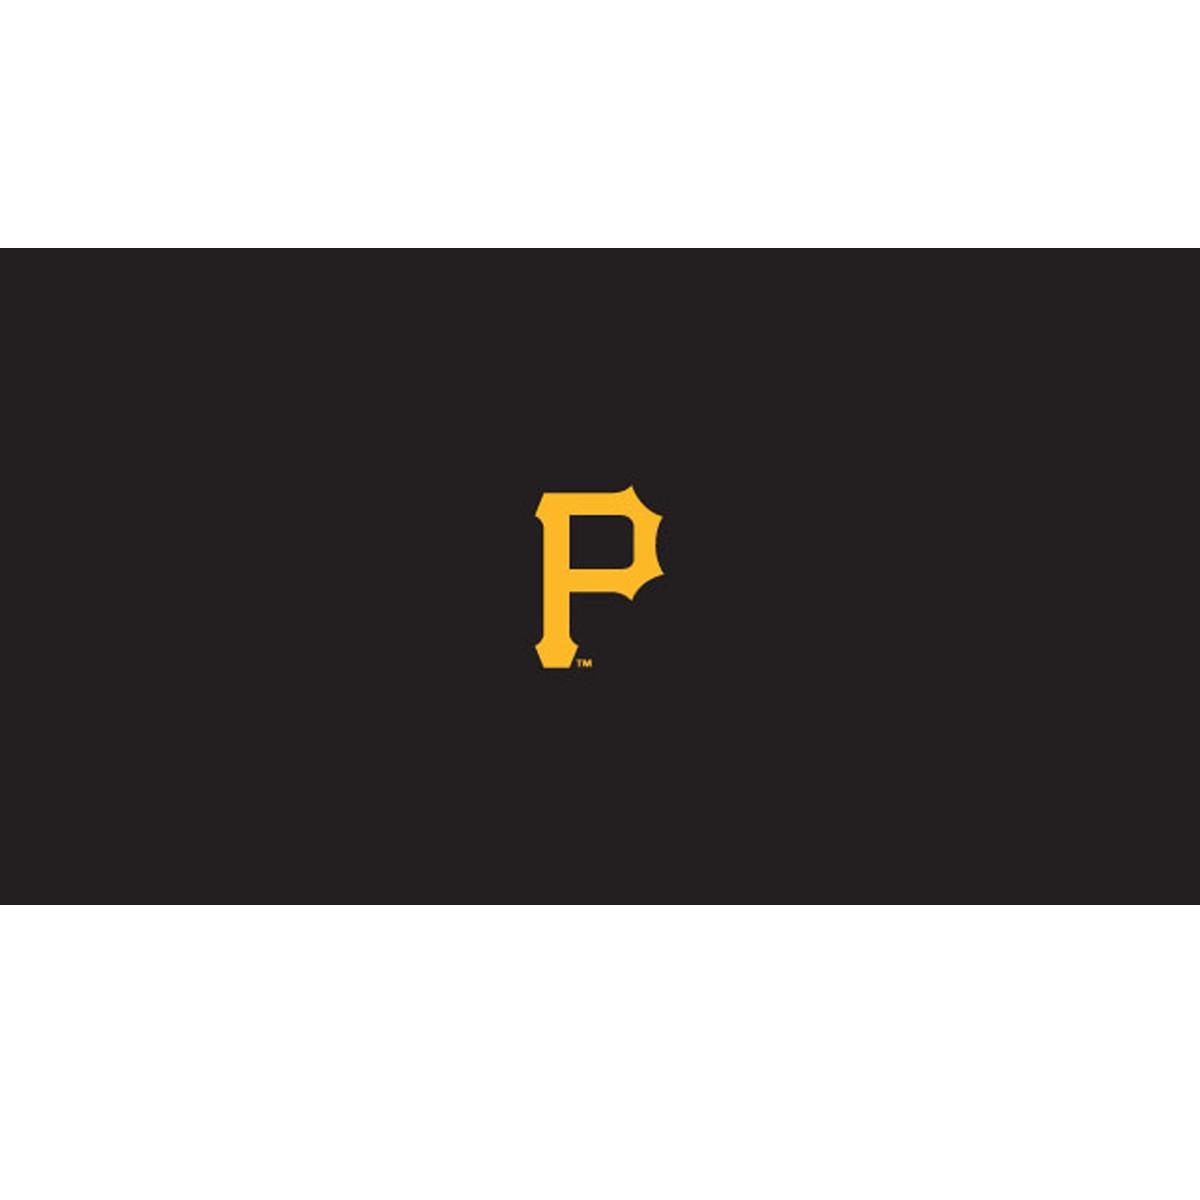 PITTSBURGH PIRATES 8-FOOT BILLIARD CLOTH